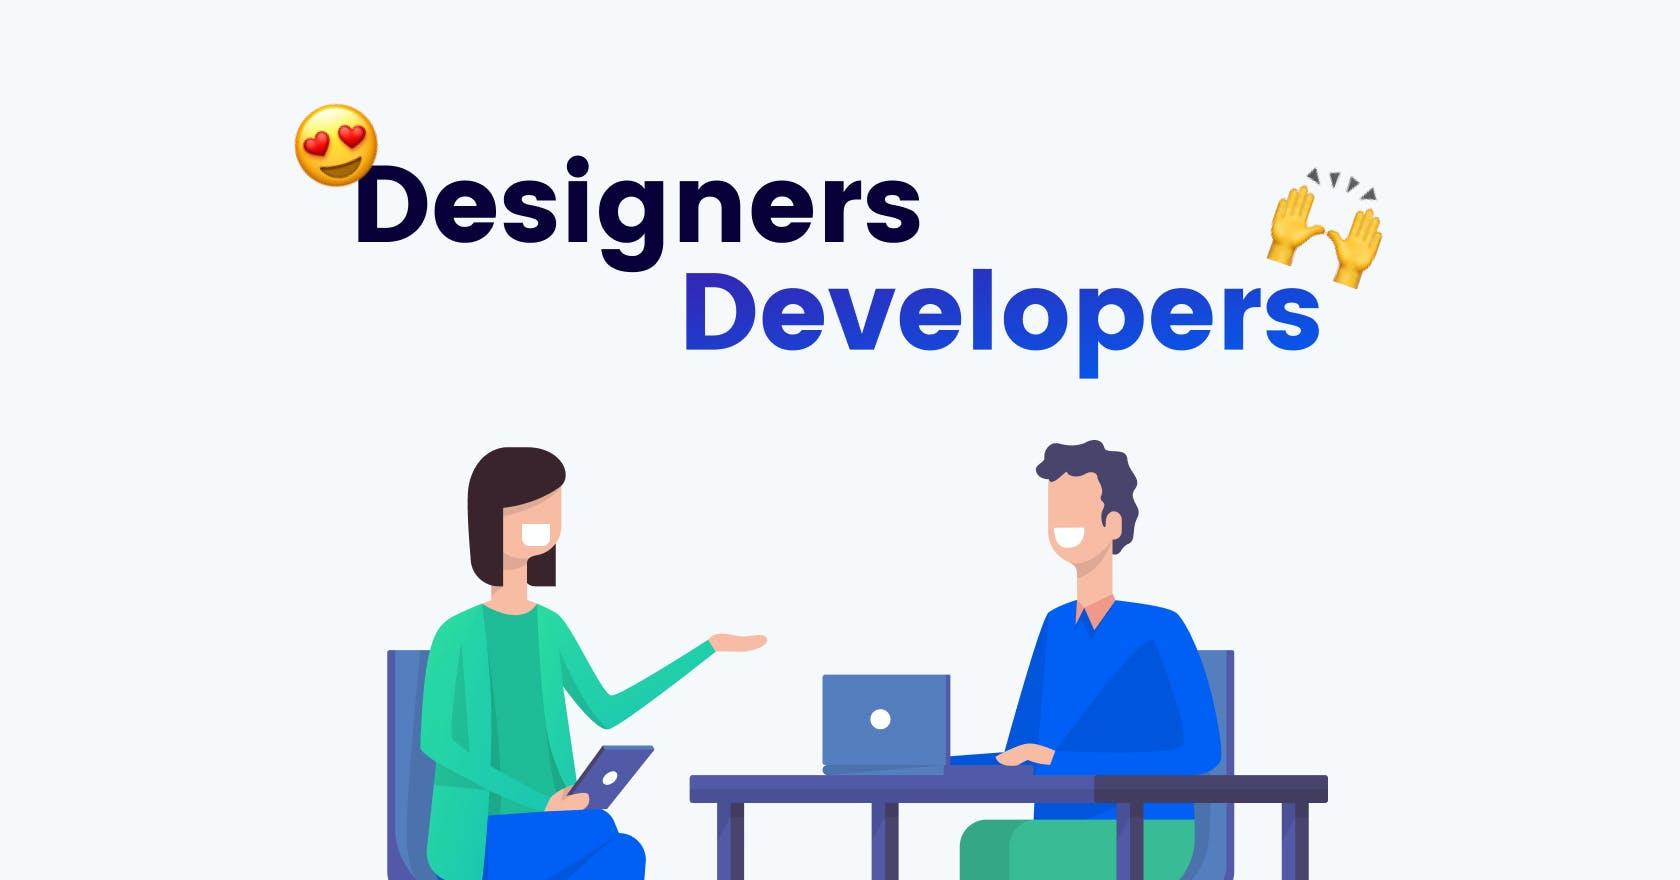 Illustration of a designer and developer collaborating together on an application